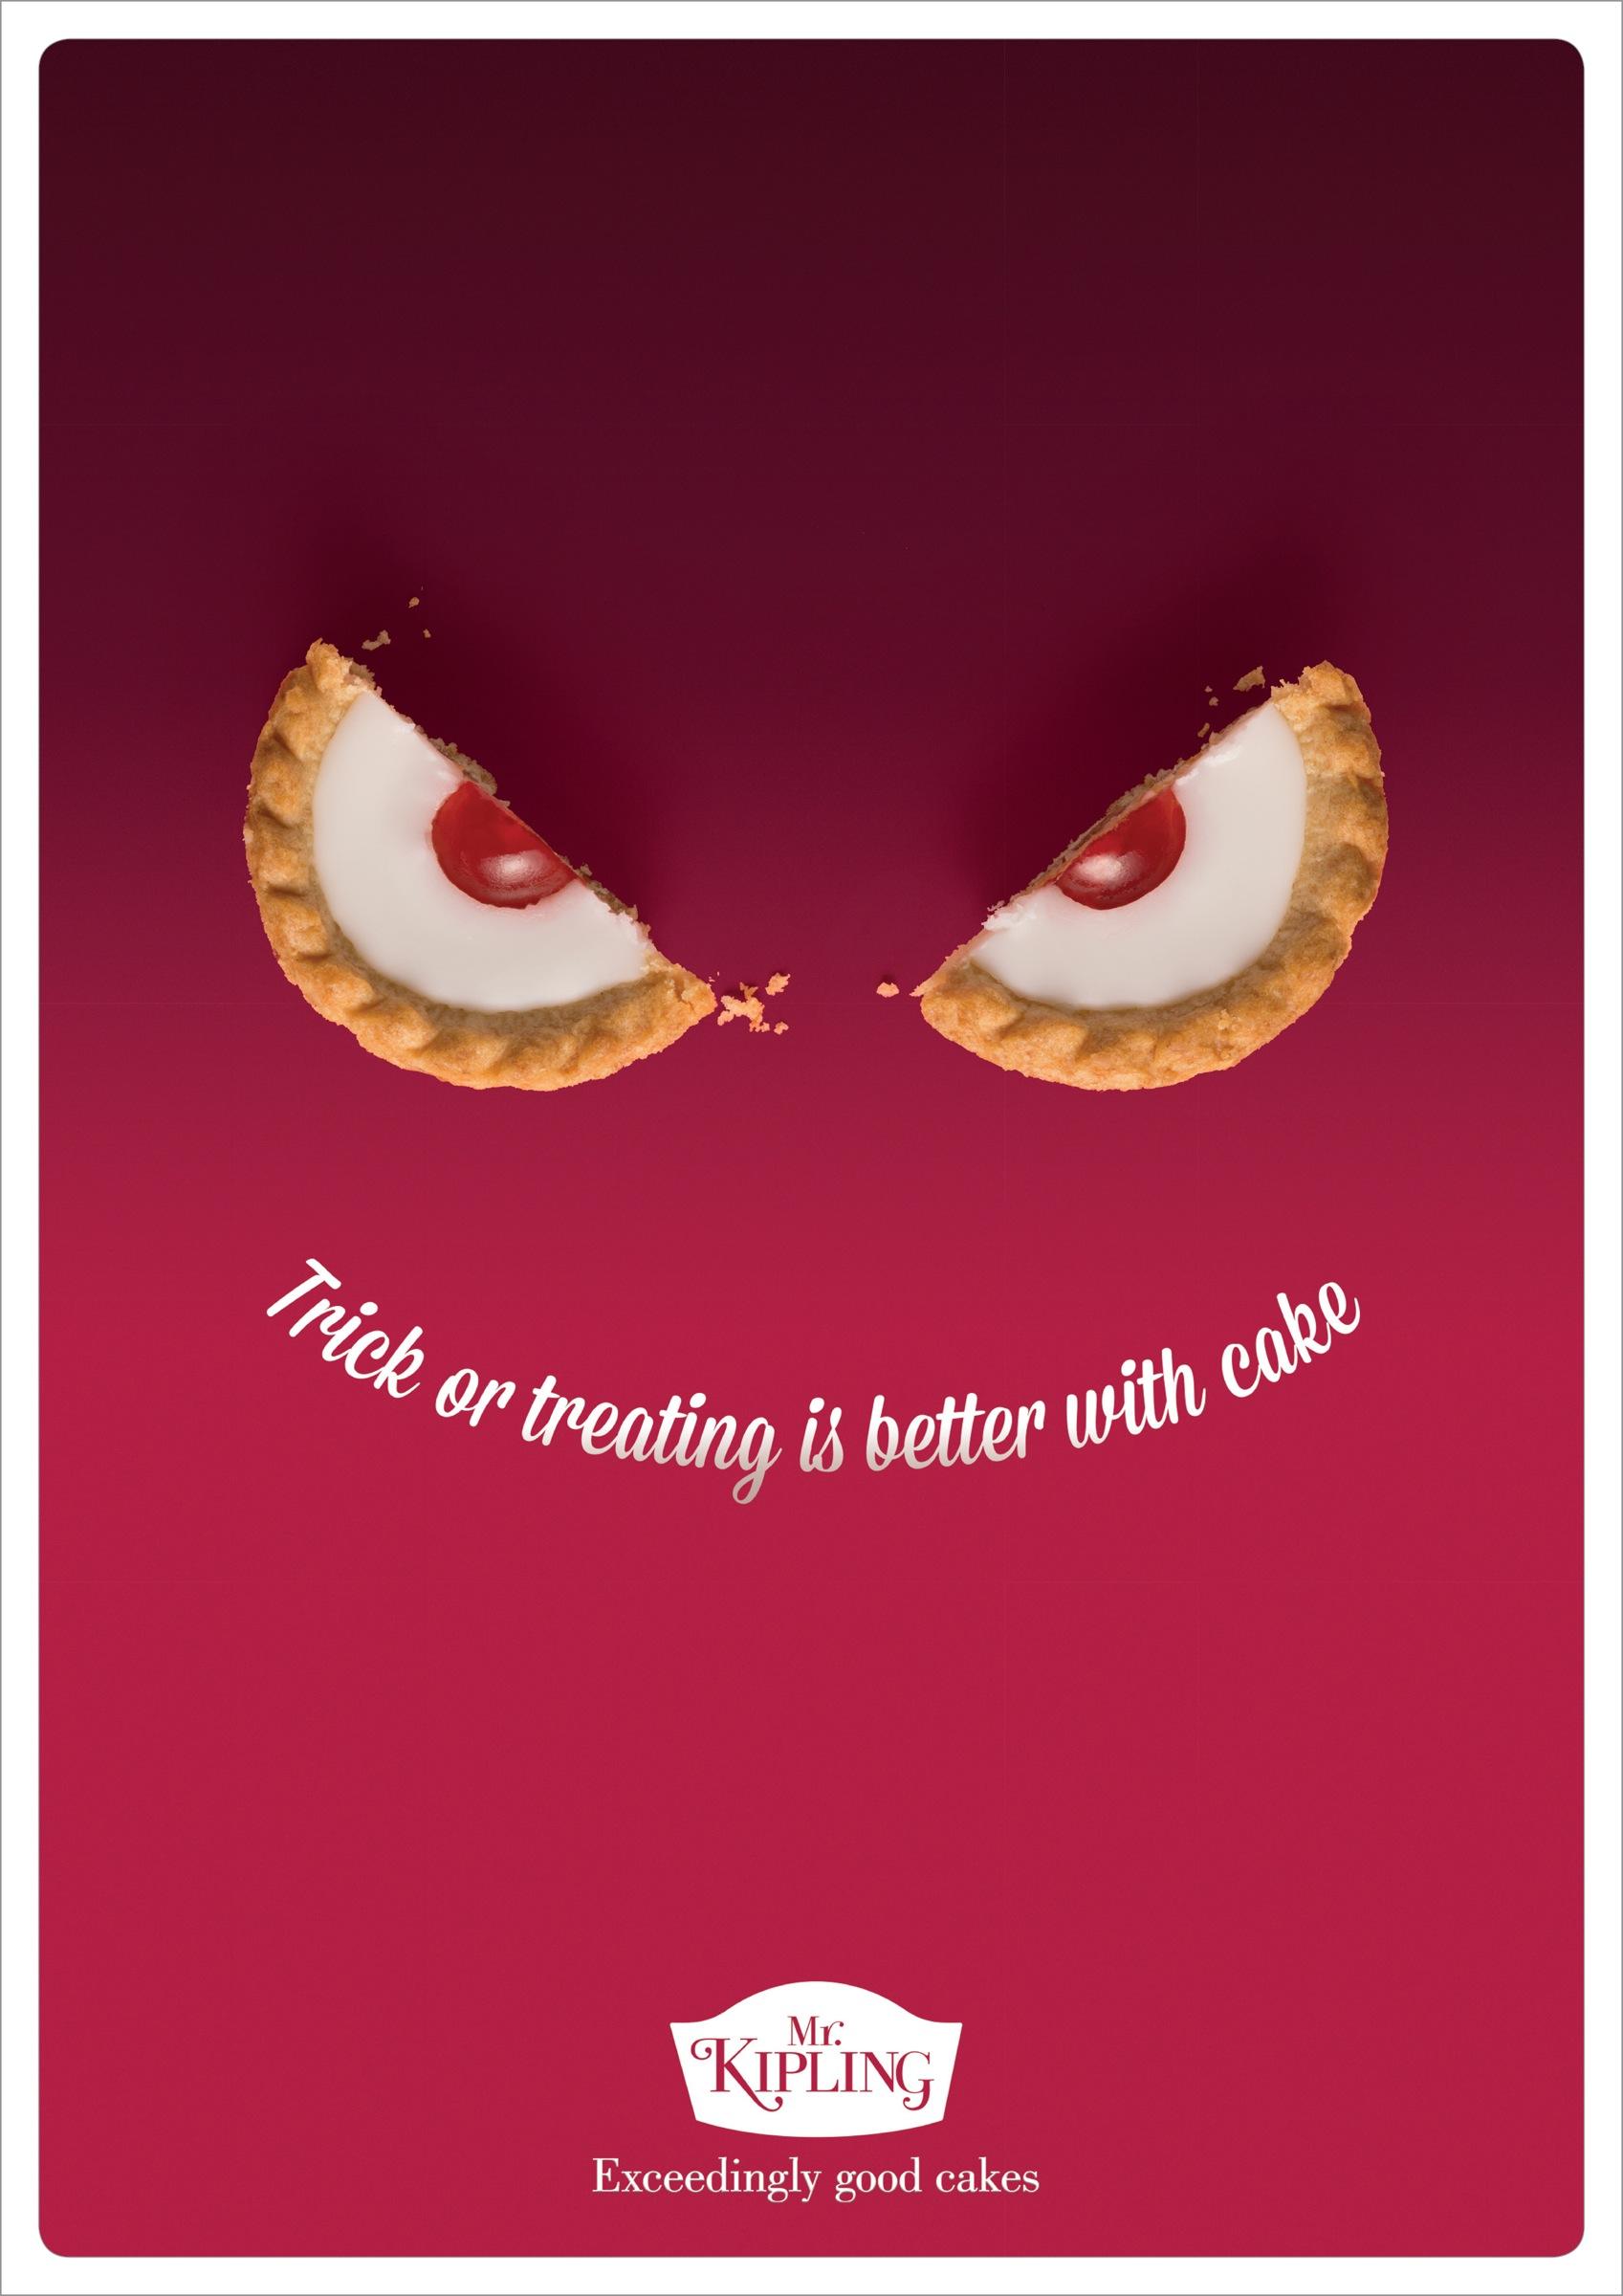 Les publicités les plus créatives sur la Pâtisserie - Spécial #LeMeilleurPâtissier 17